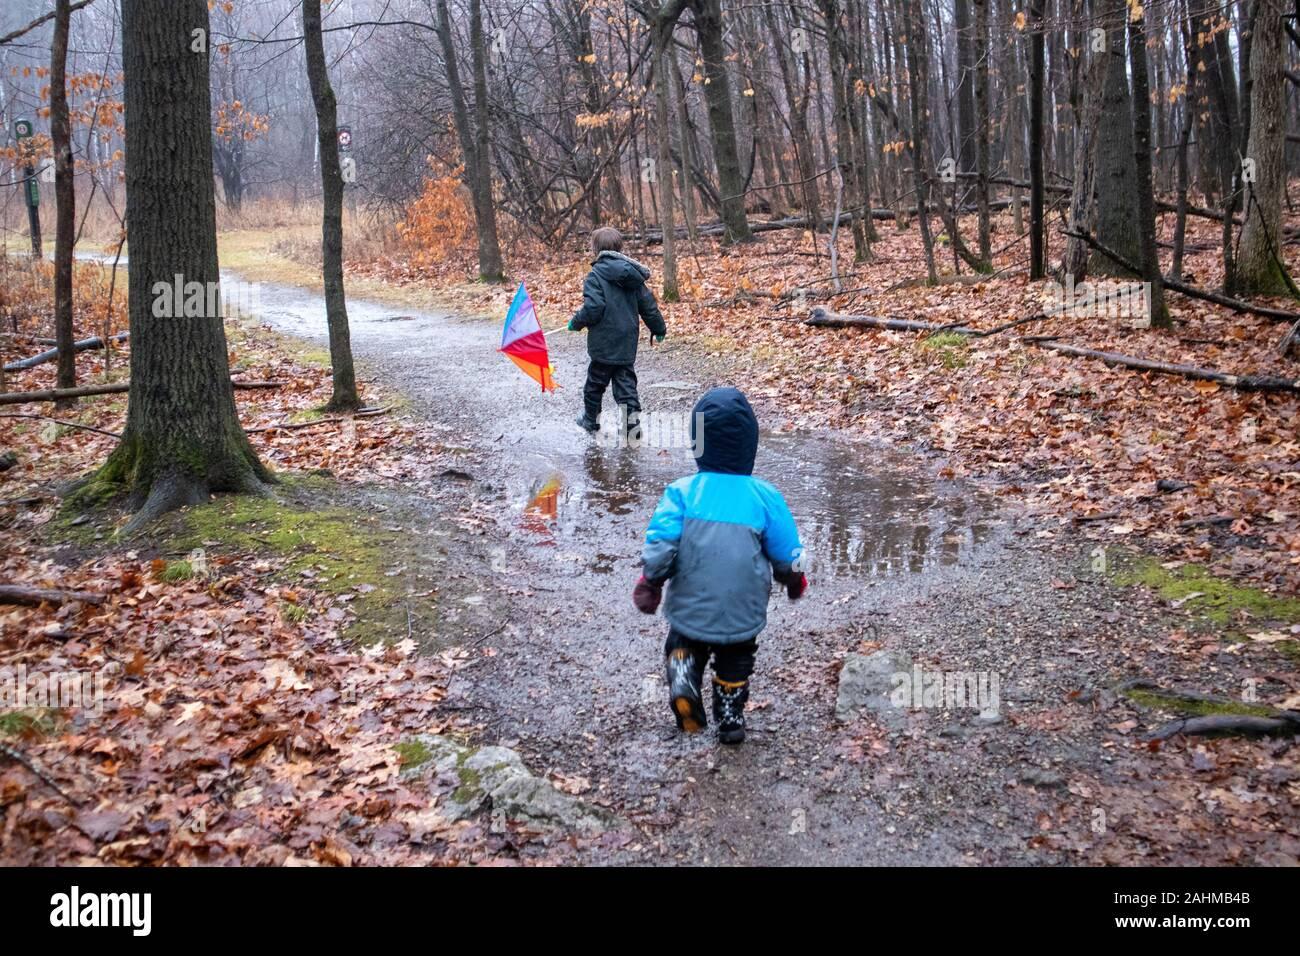 Deux frères habillés chaudement, de jeunes garçons âgés de 2 et 5, sont en cours d'exécution sur un sentier à travers la forêt. Vers la fin de l'automne feuilles d'automne sont sur le g Banque D'Images